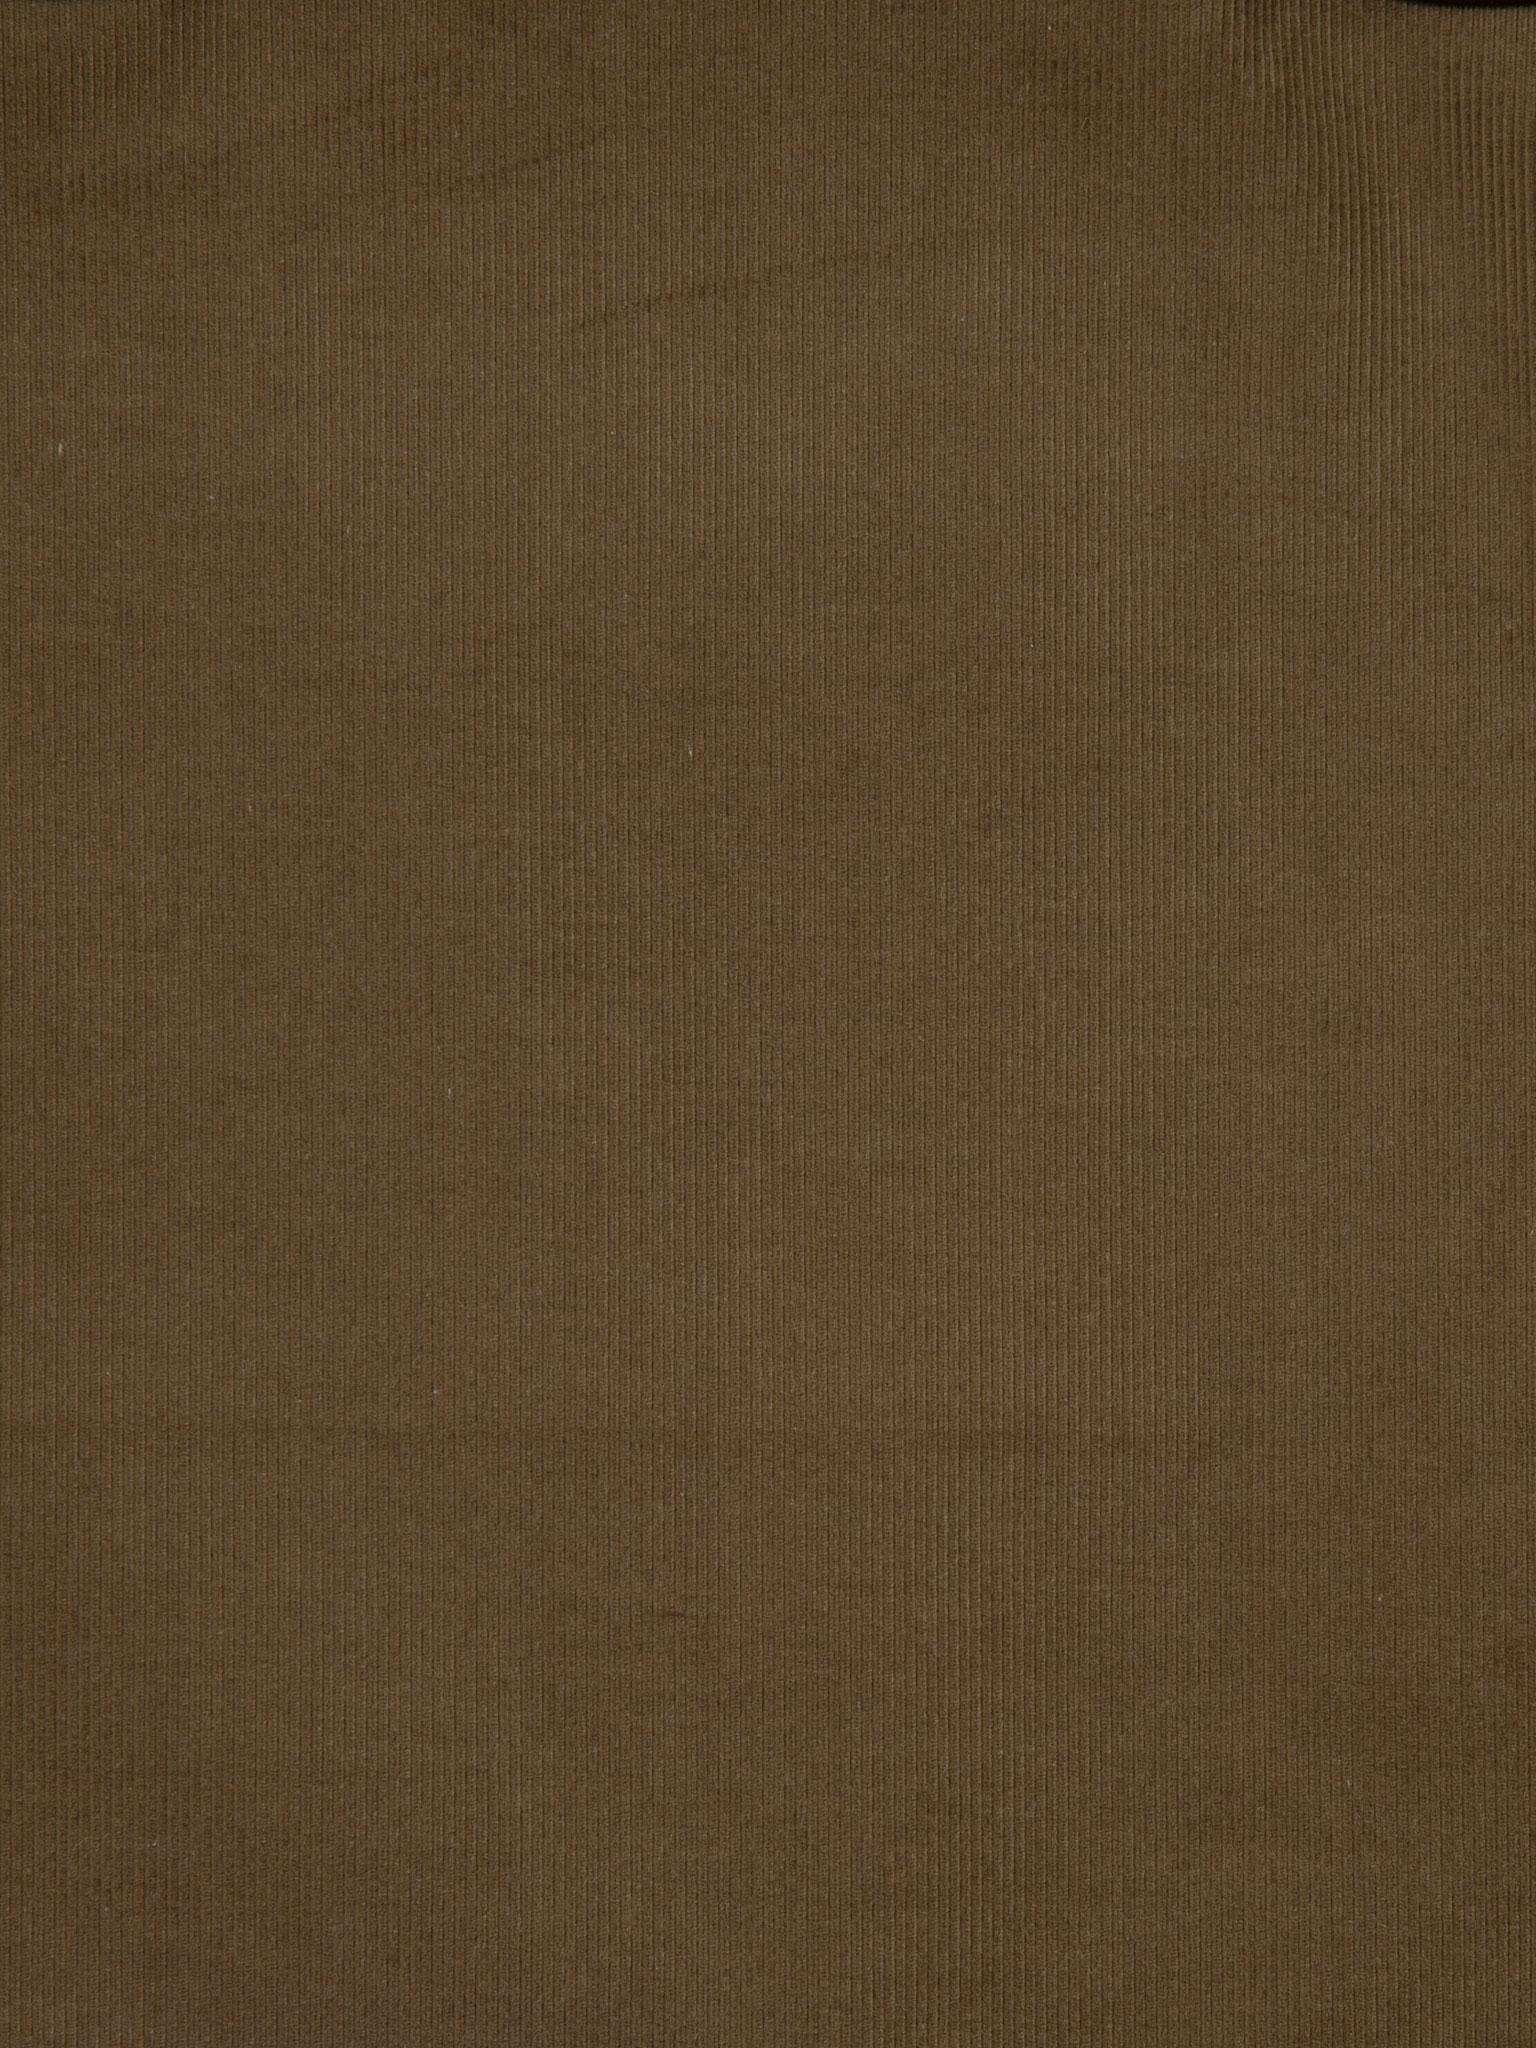 TAGLIATELLE 181011